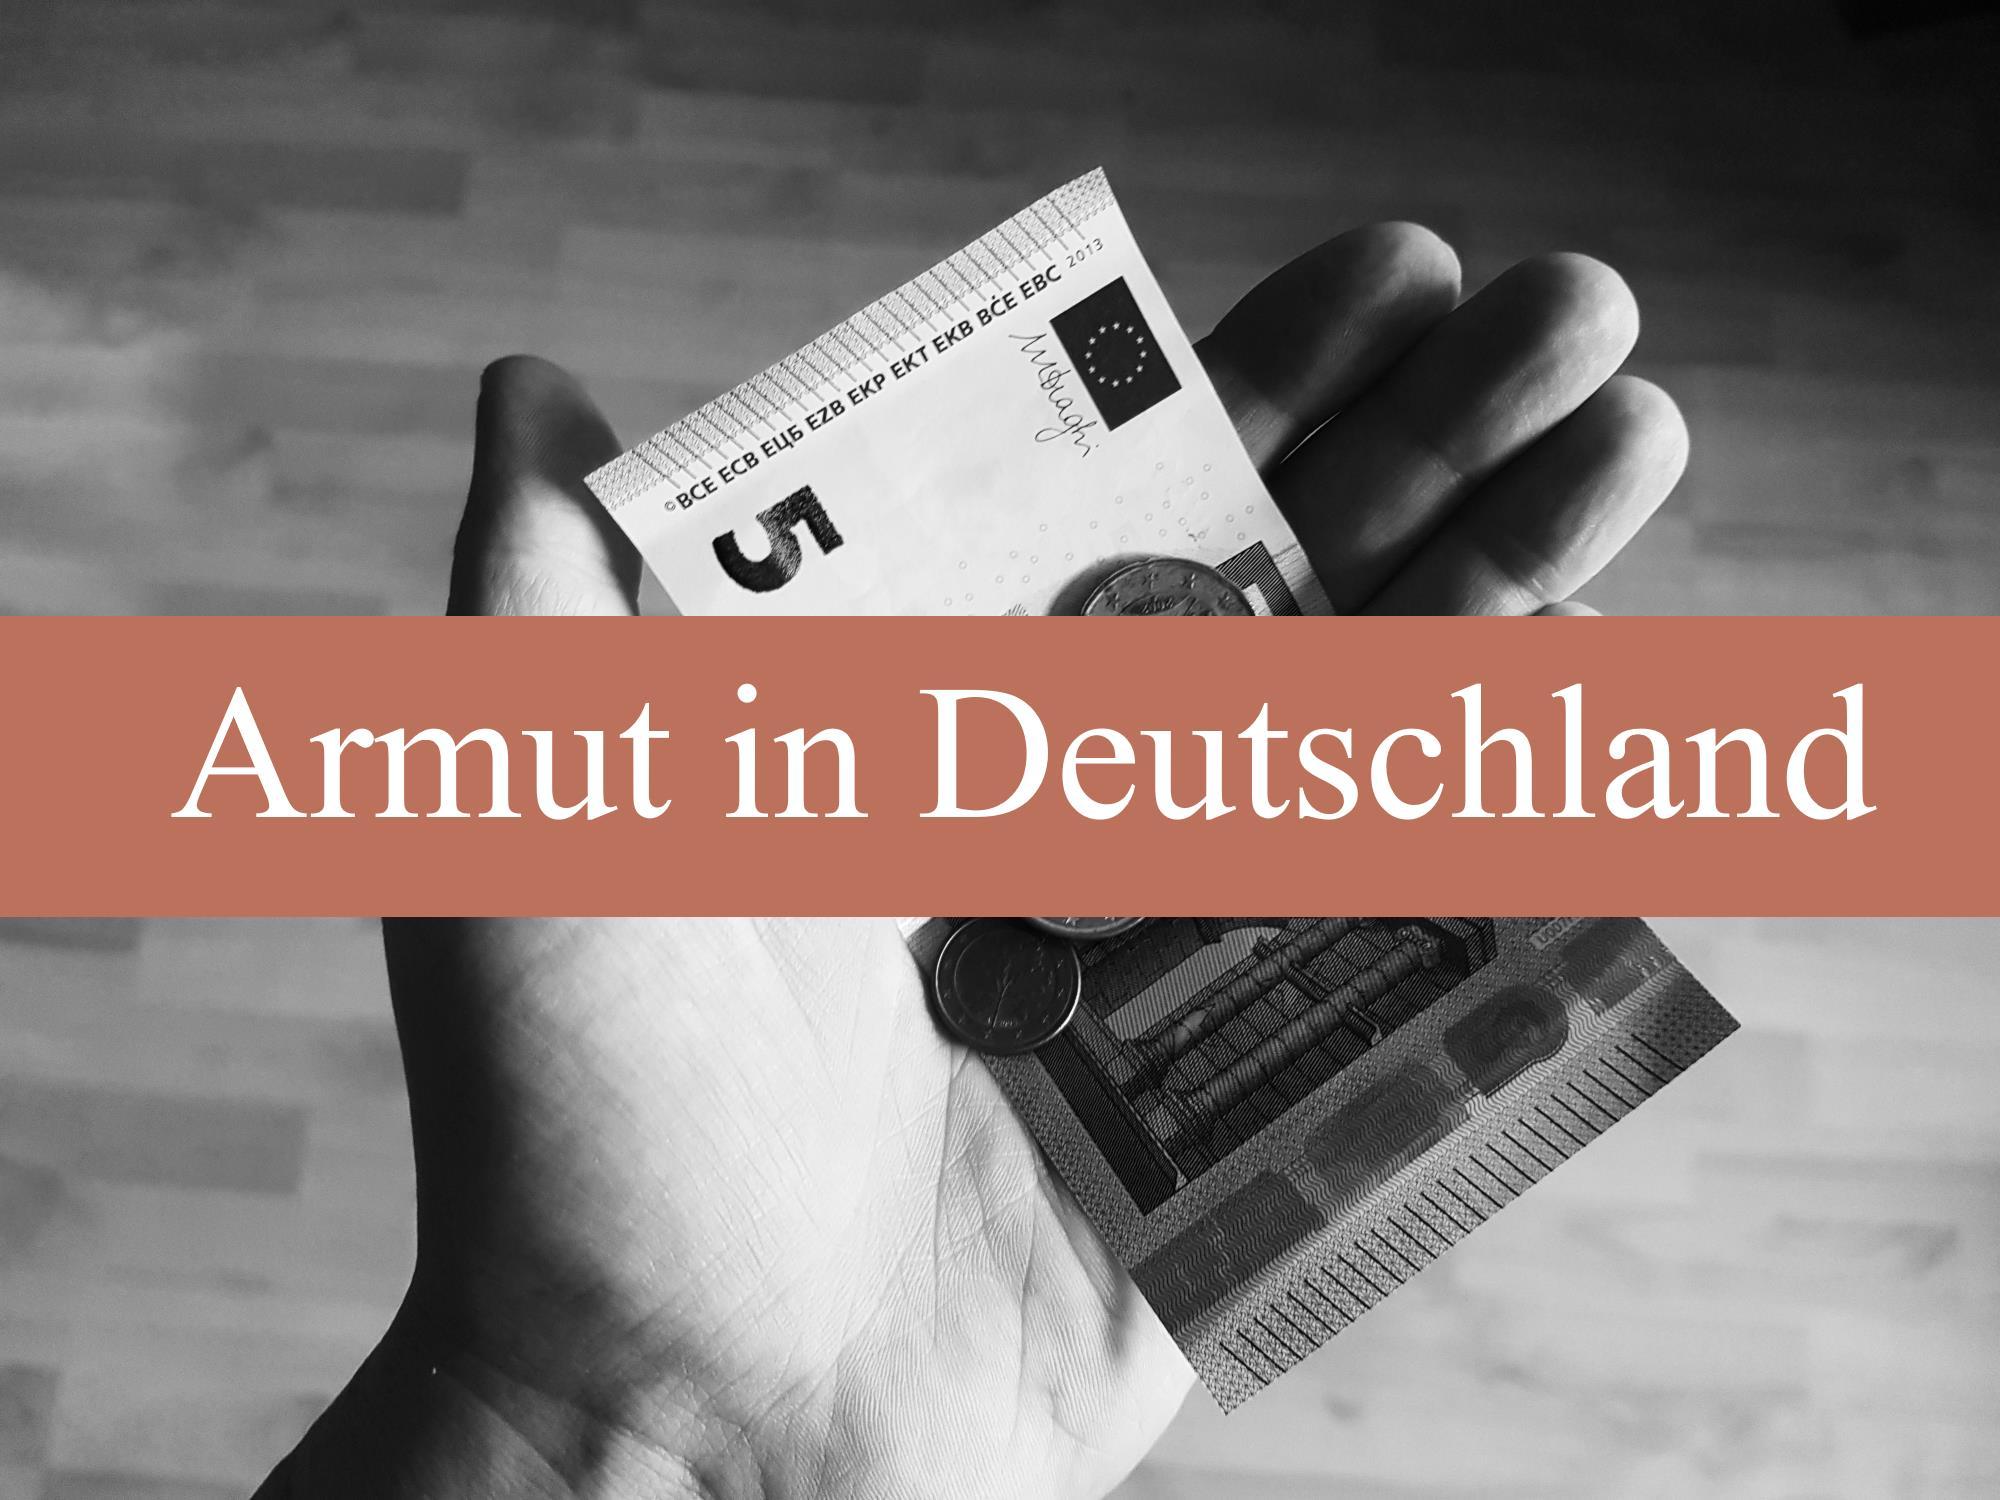 [Projekt] Armut in Deutschland